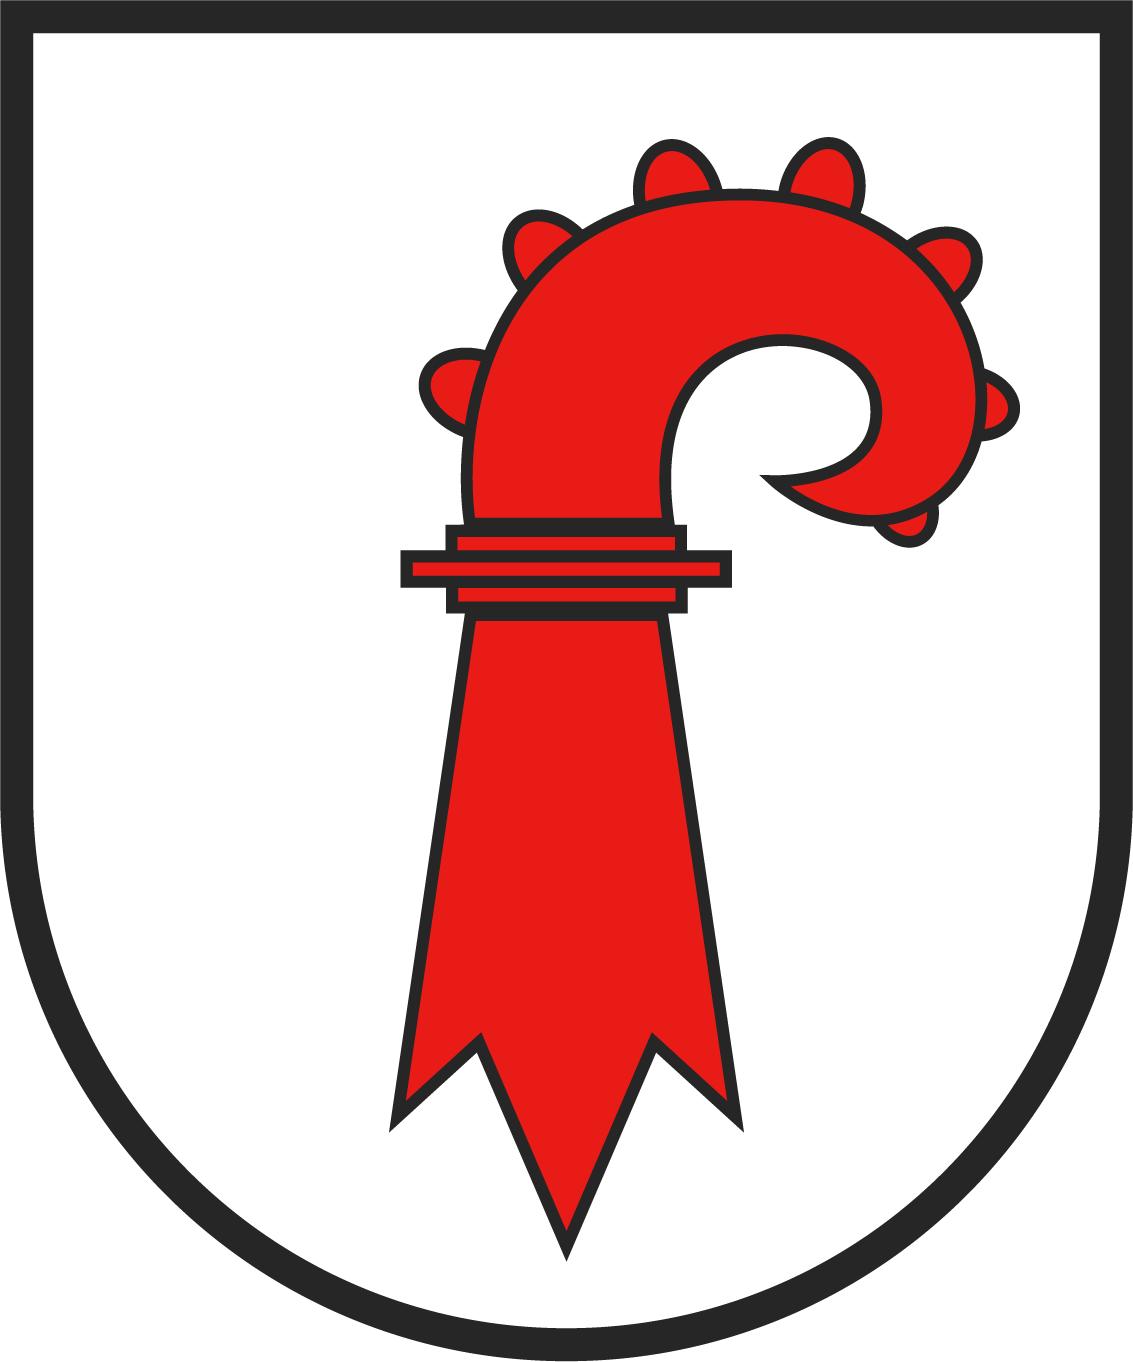 Wappen des Kantons Basel-Landschaft